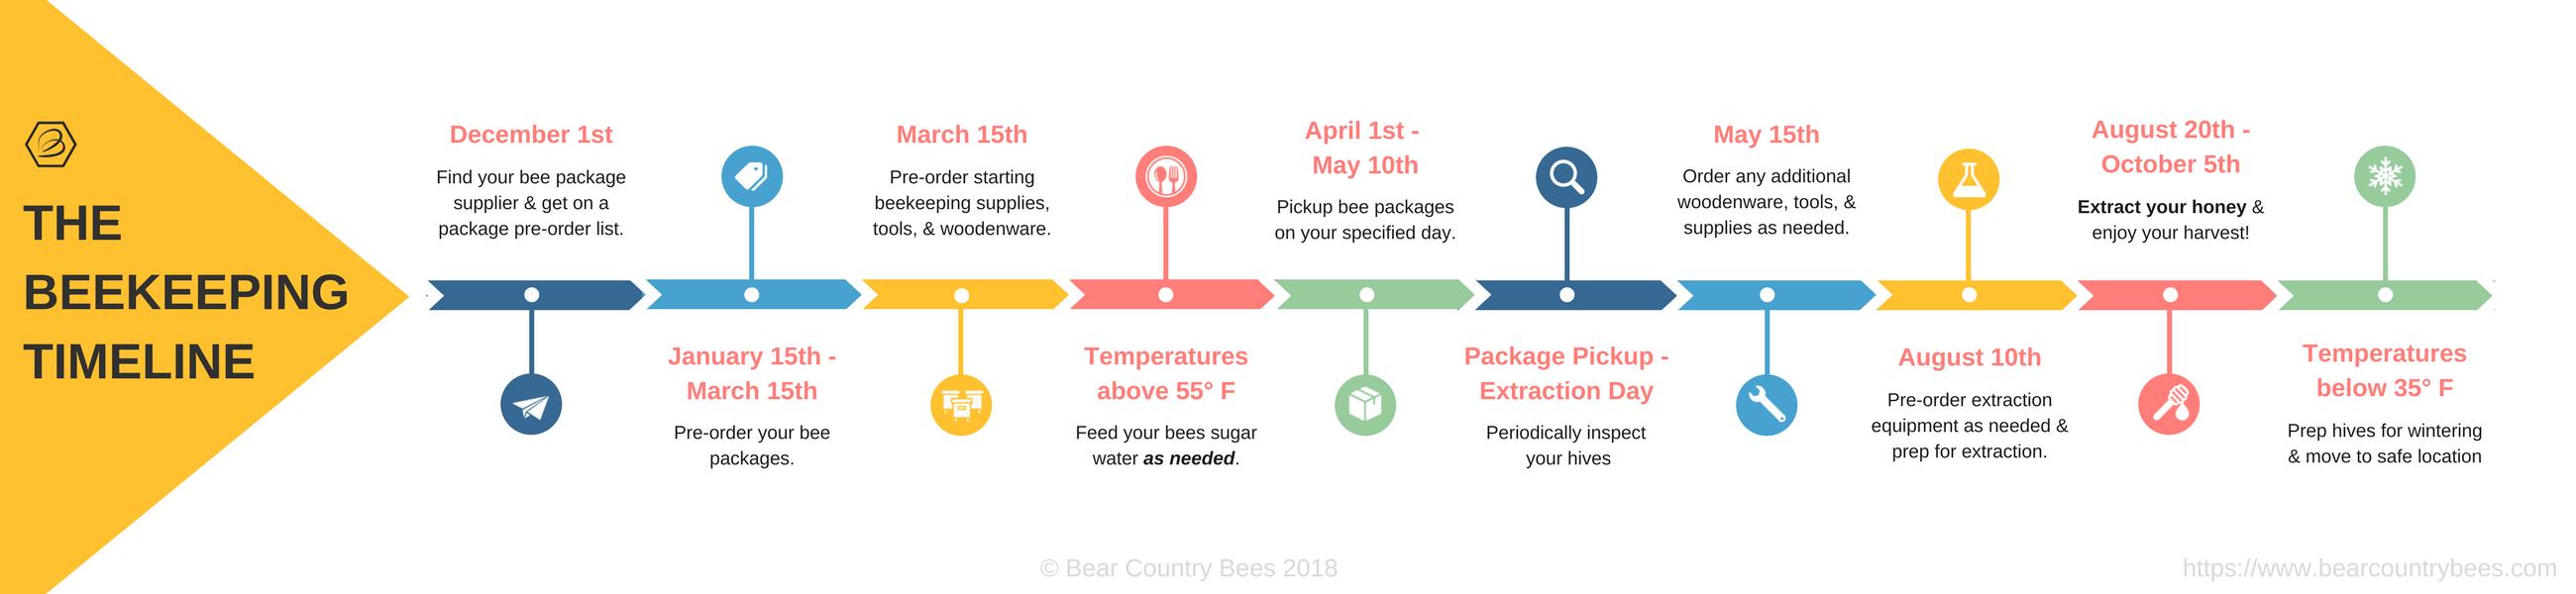 Beekeeping Timeline